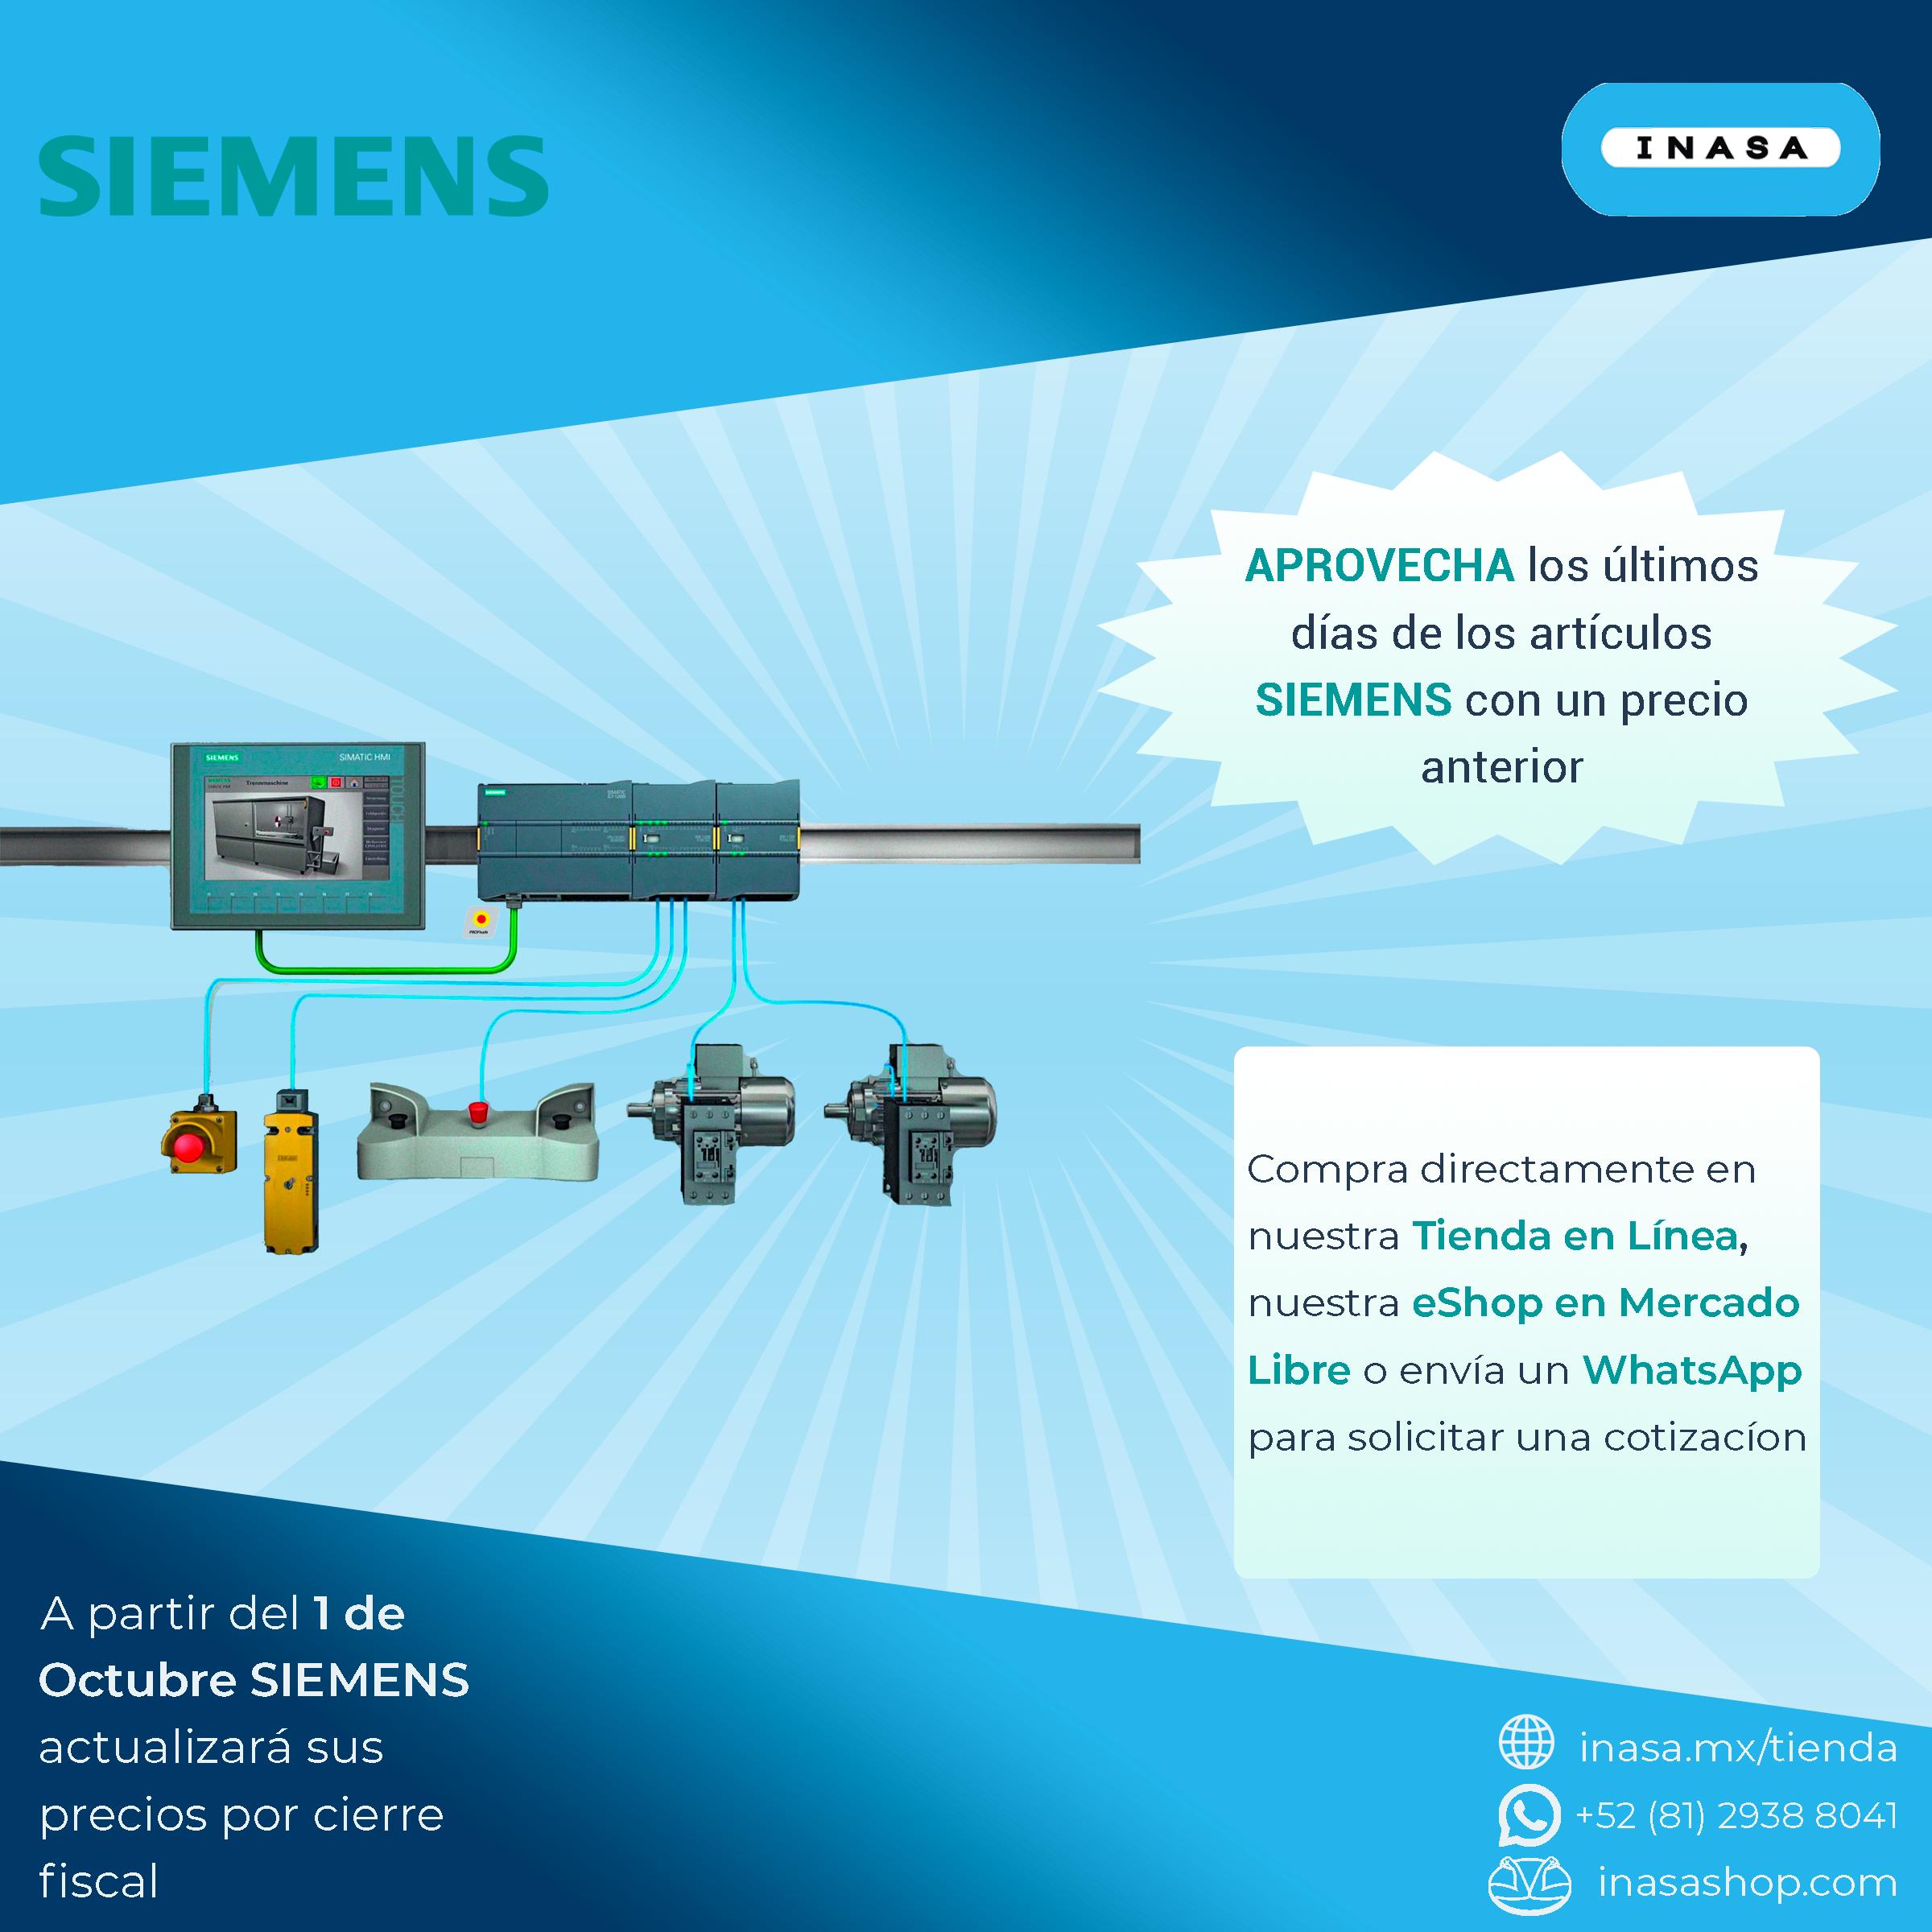 Aumento Siemens